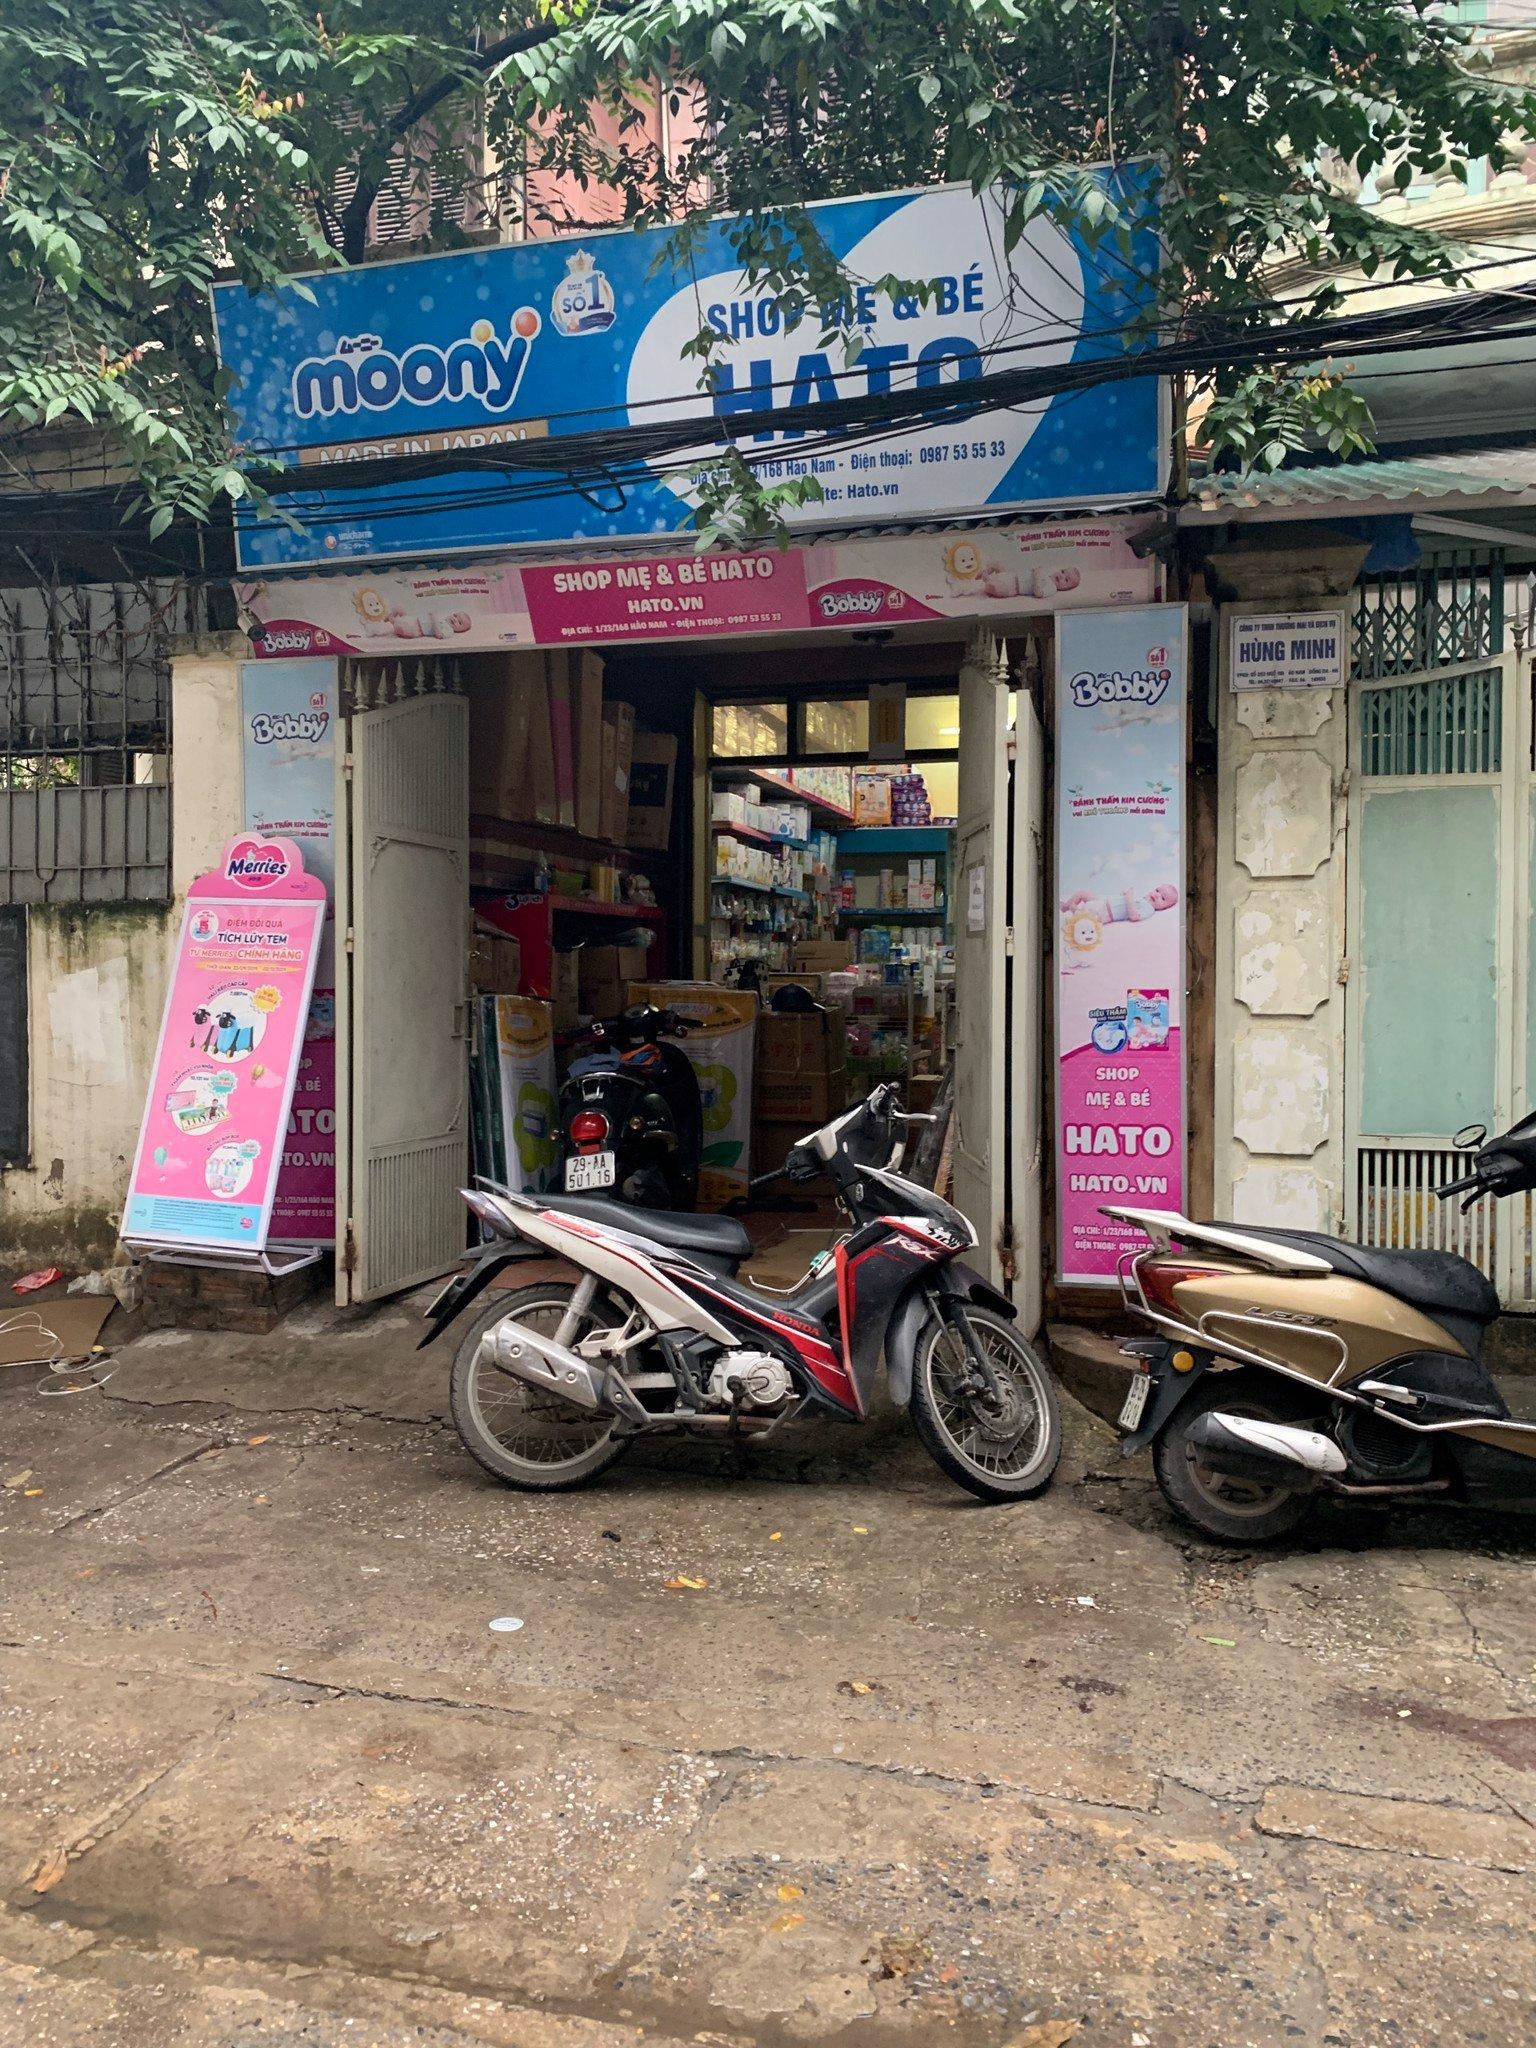 HATO baby số25 ngõ 168 Hào Nam, Đống Đa, Hà Nội